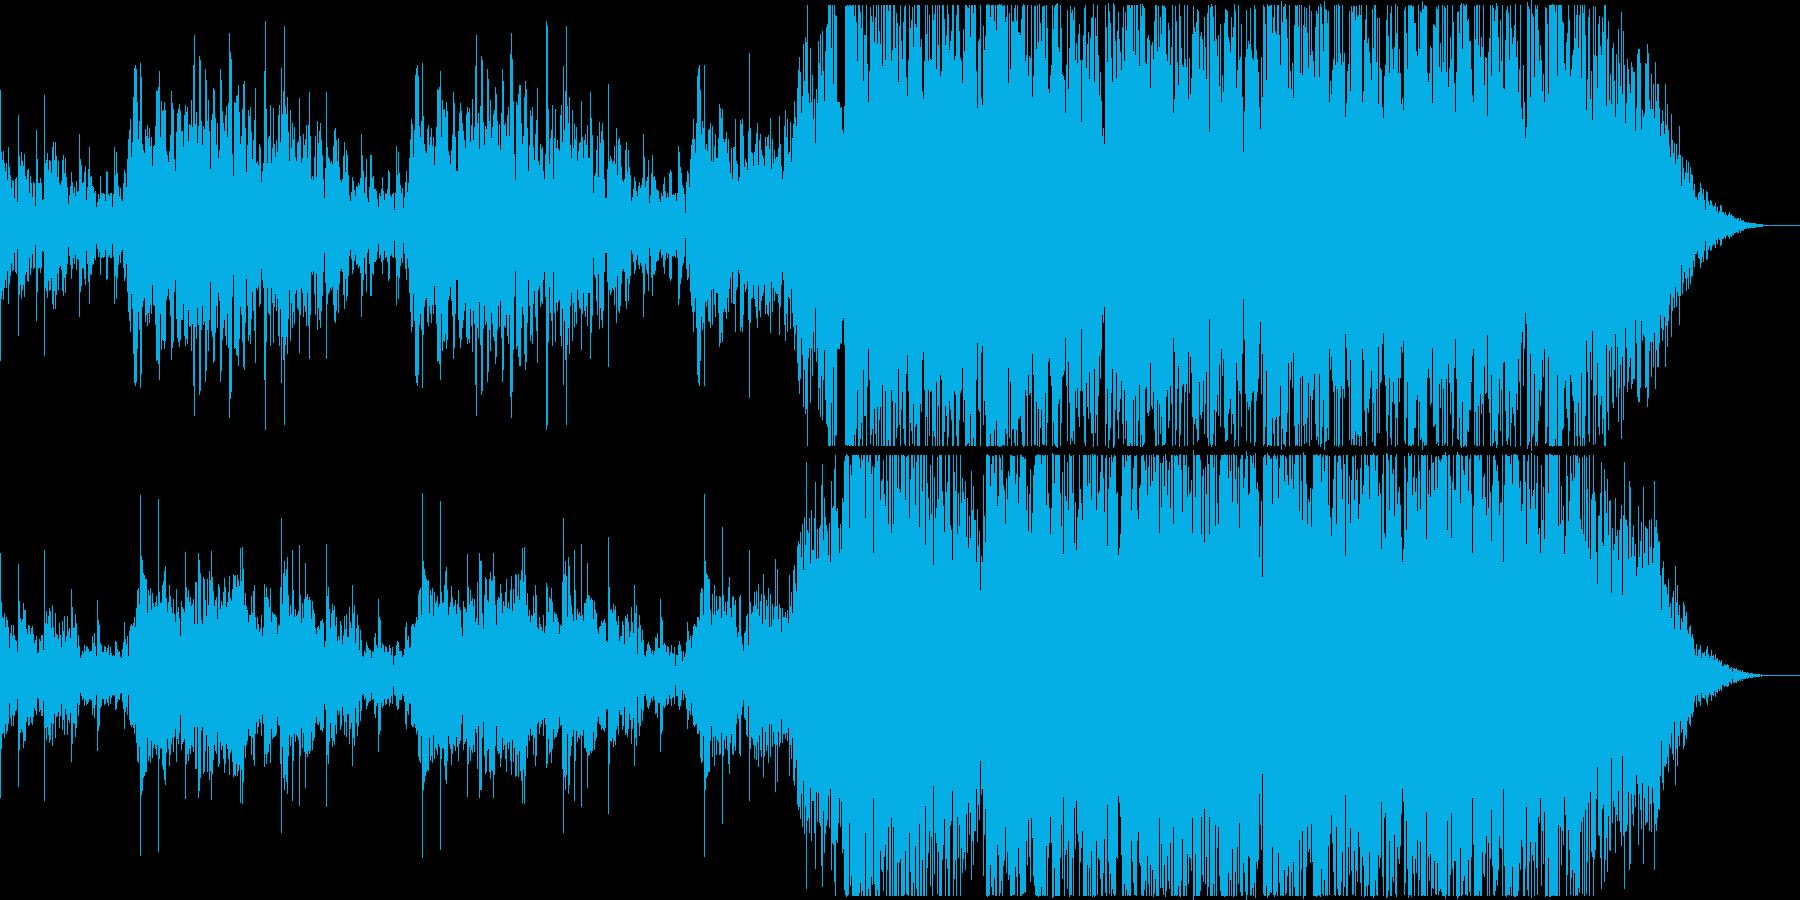 不気味系トレーラー/映画・ゲームetc の再生済みの波形